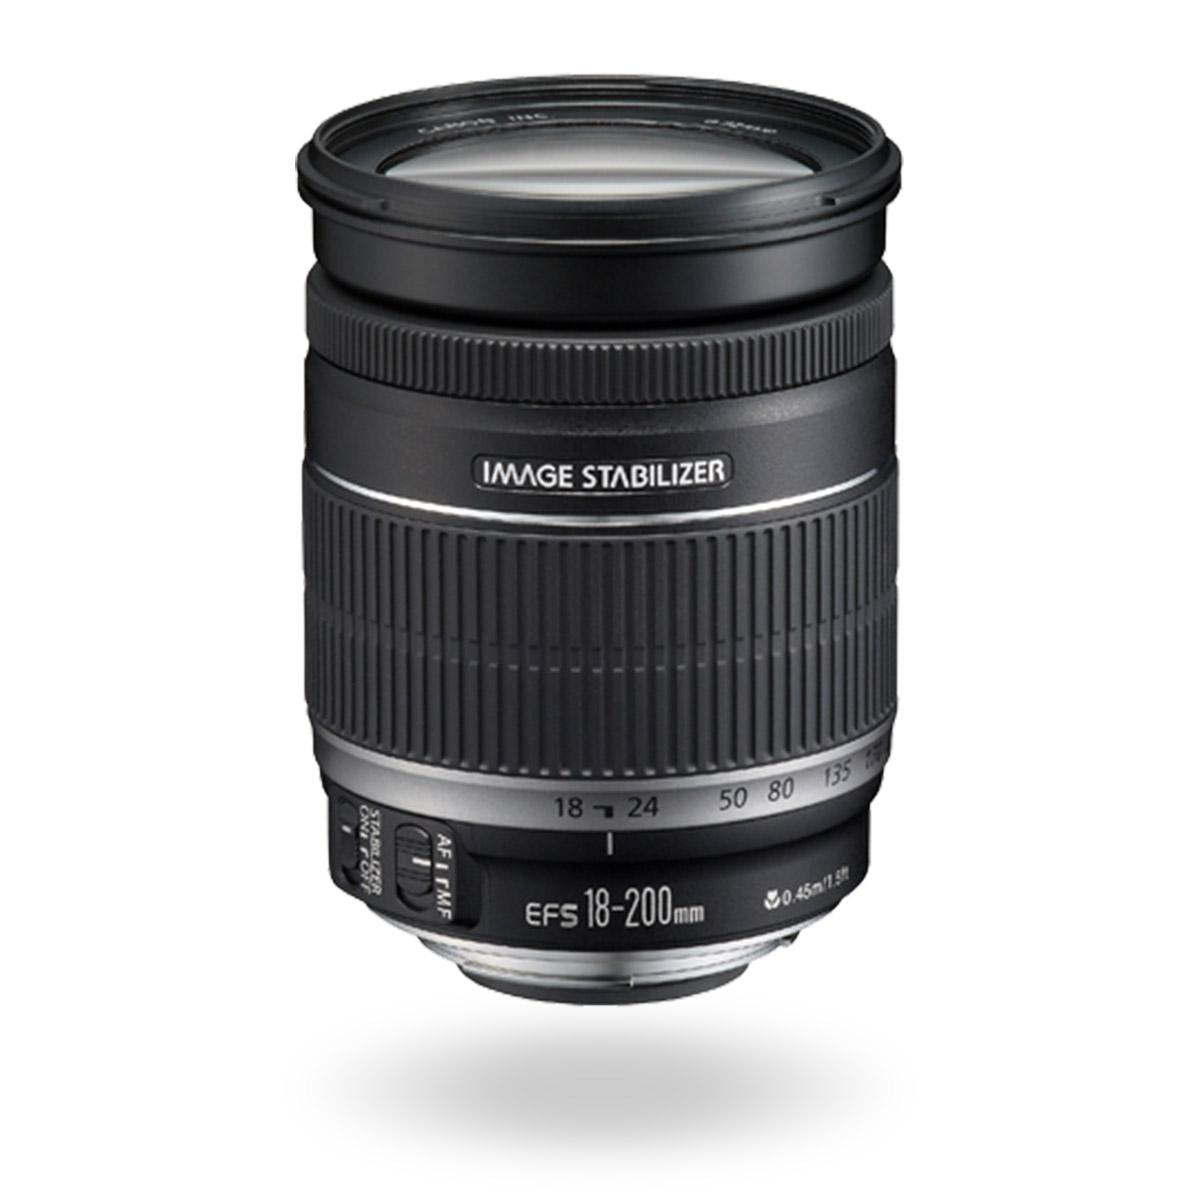 EF-S 18-200mm f/3.5-5.6 IS lens